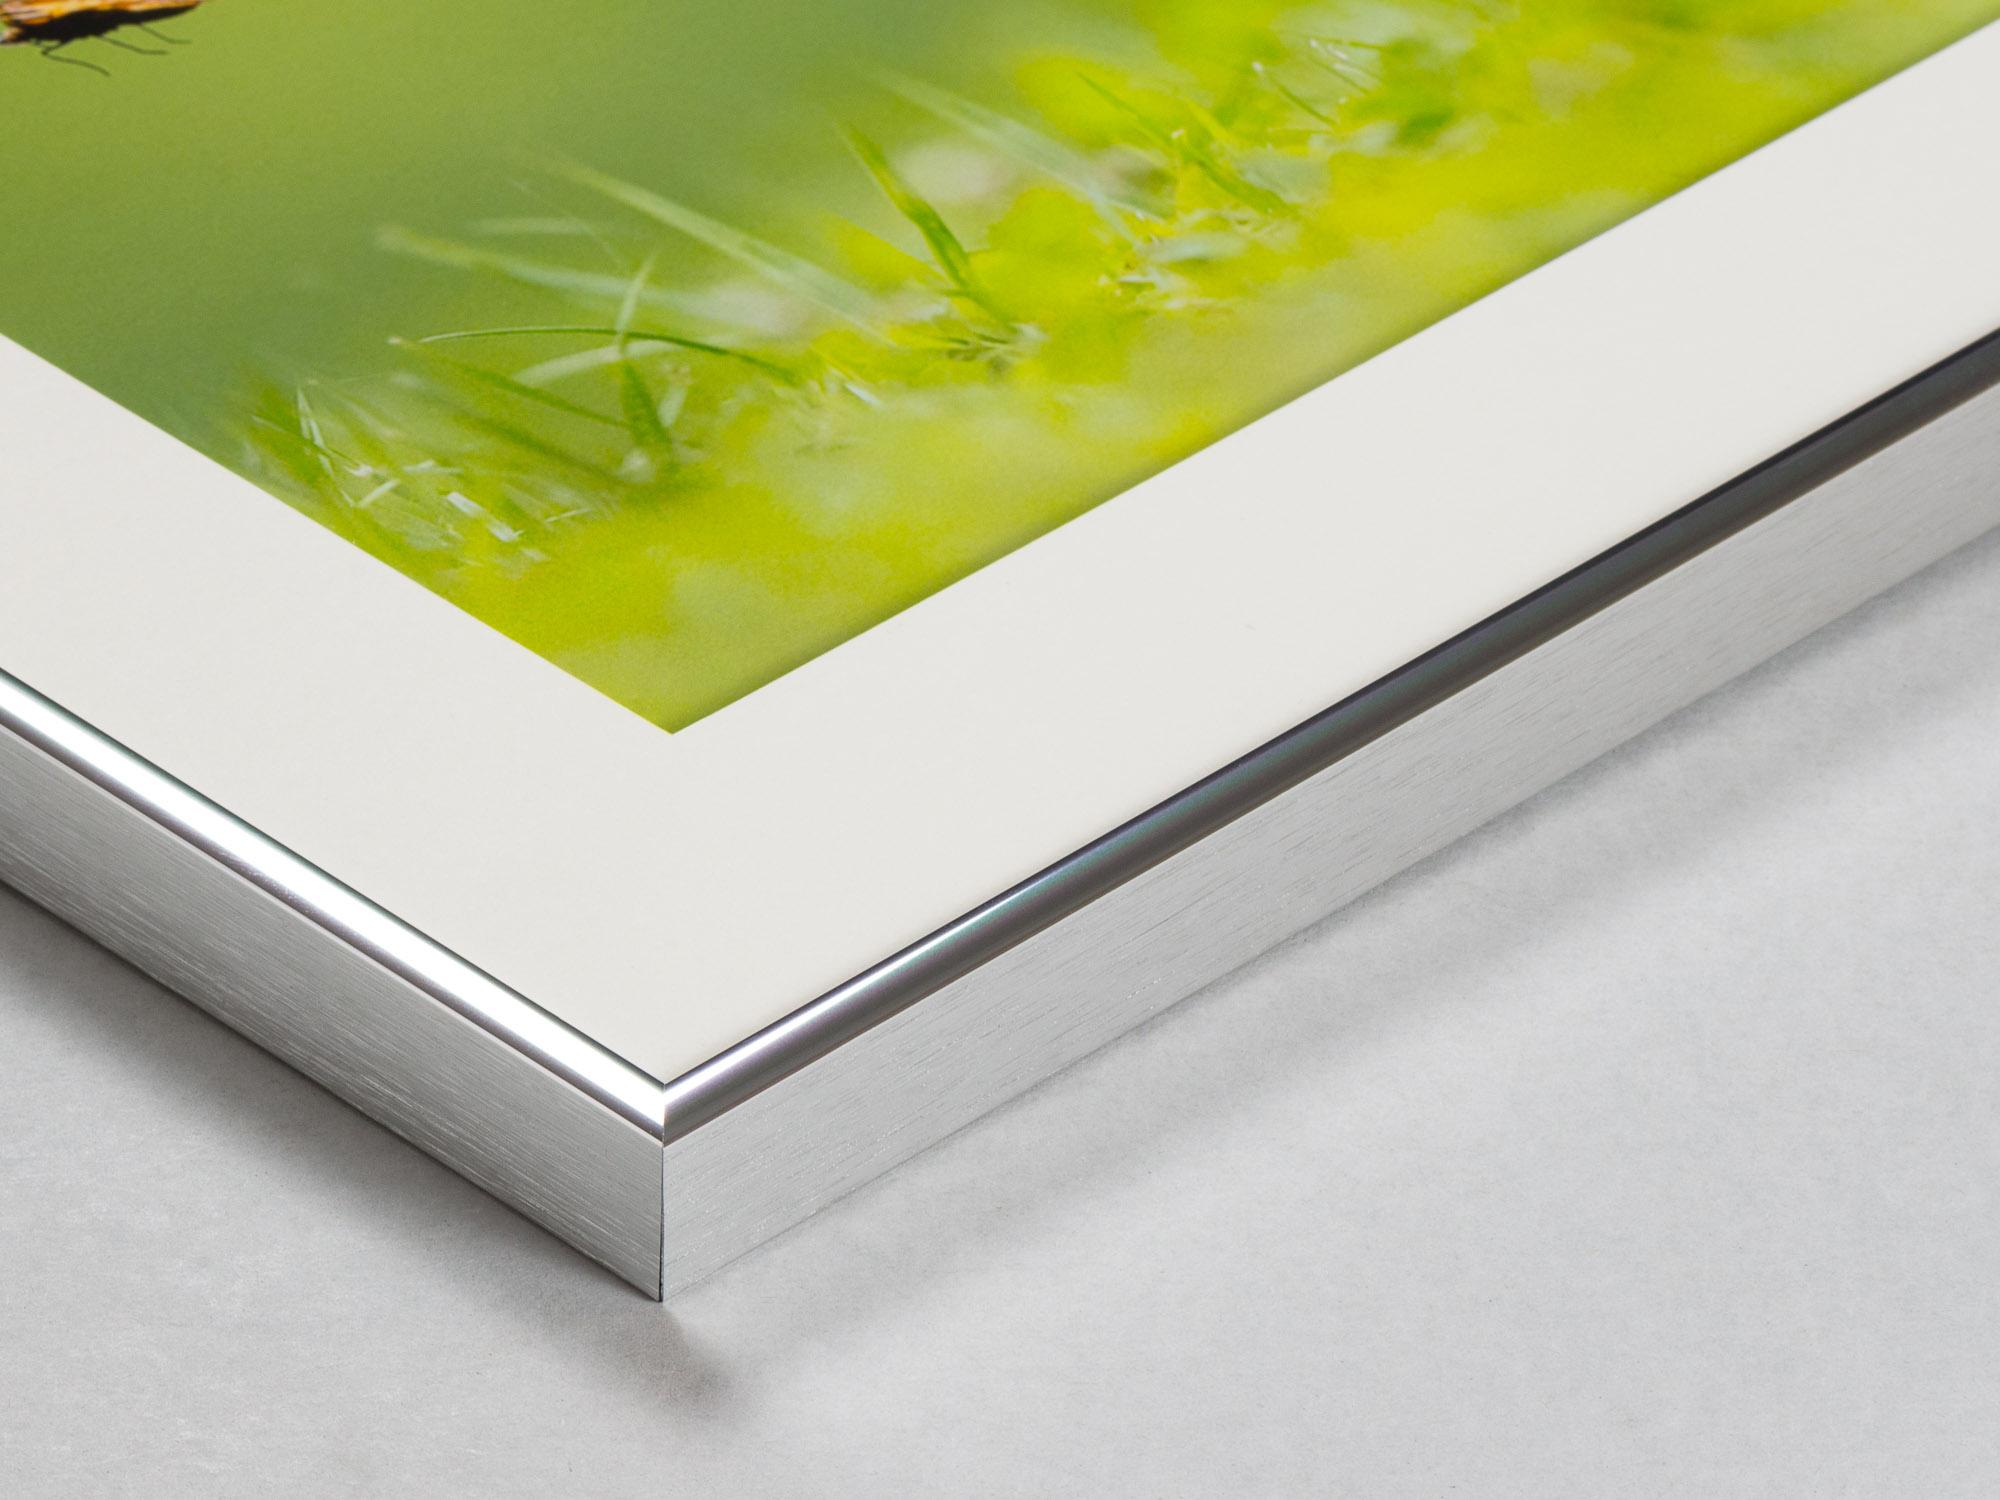 Inramning med aluminiumprofil, passepartout och fotografisk bild